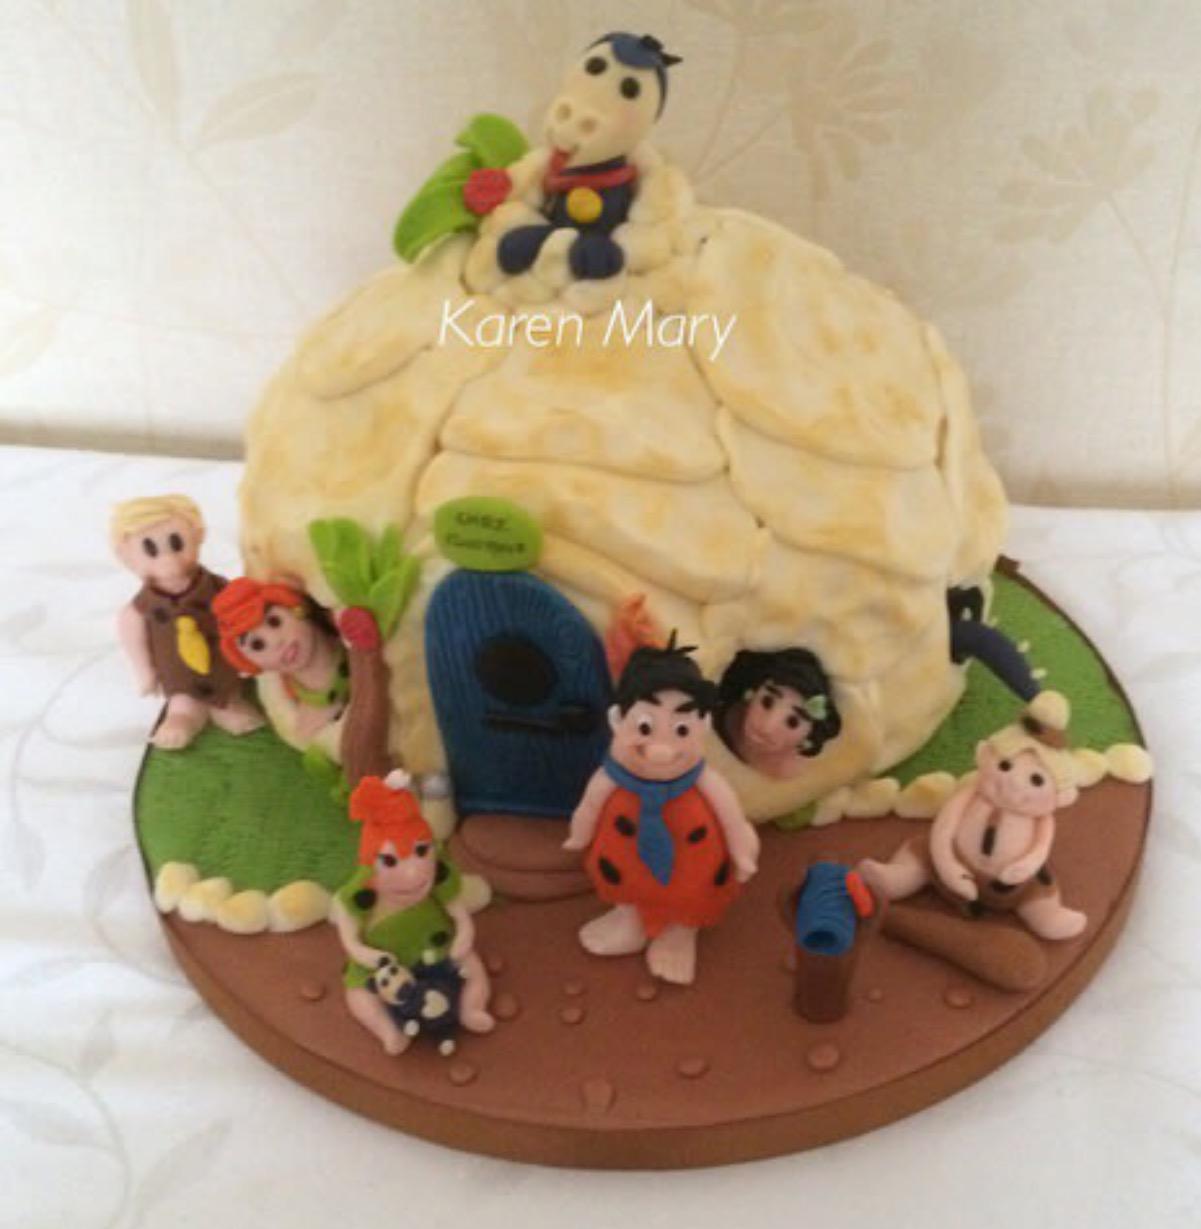 The Flintstones Cake